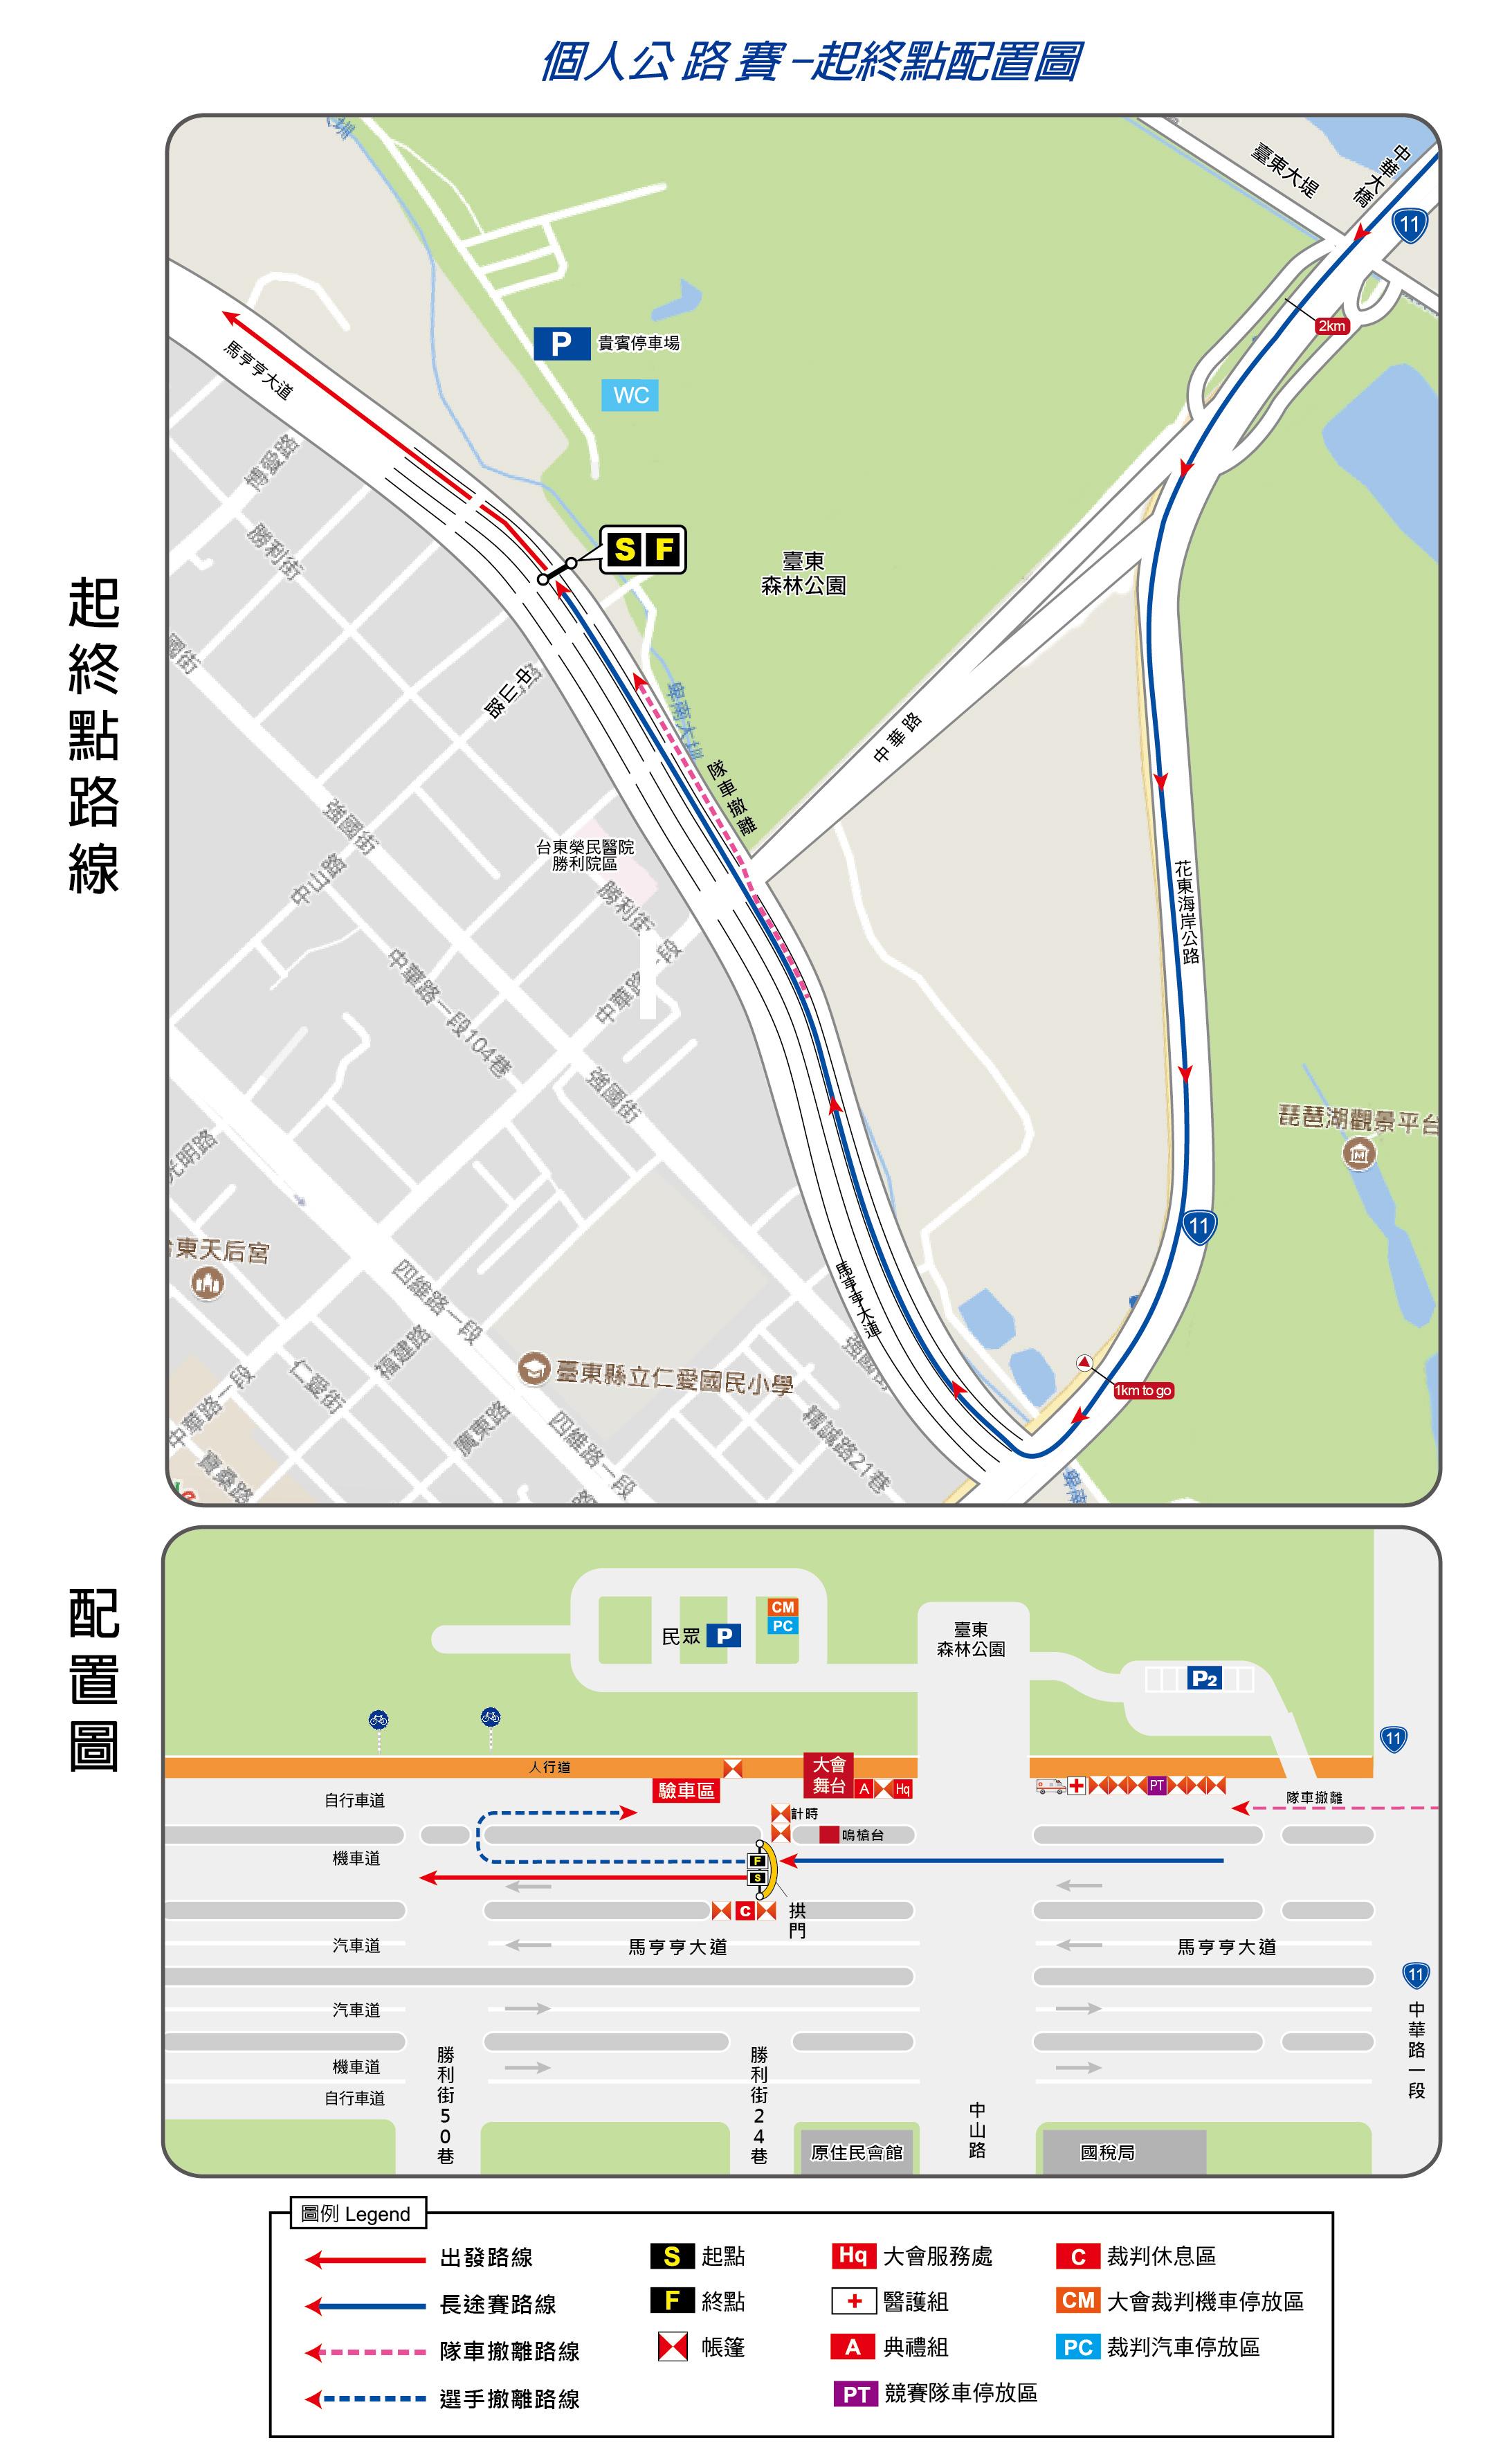 106競賽路線圖(公路賽_起終點配置)